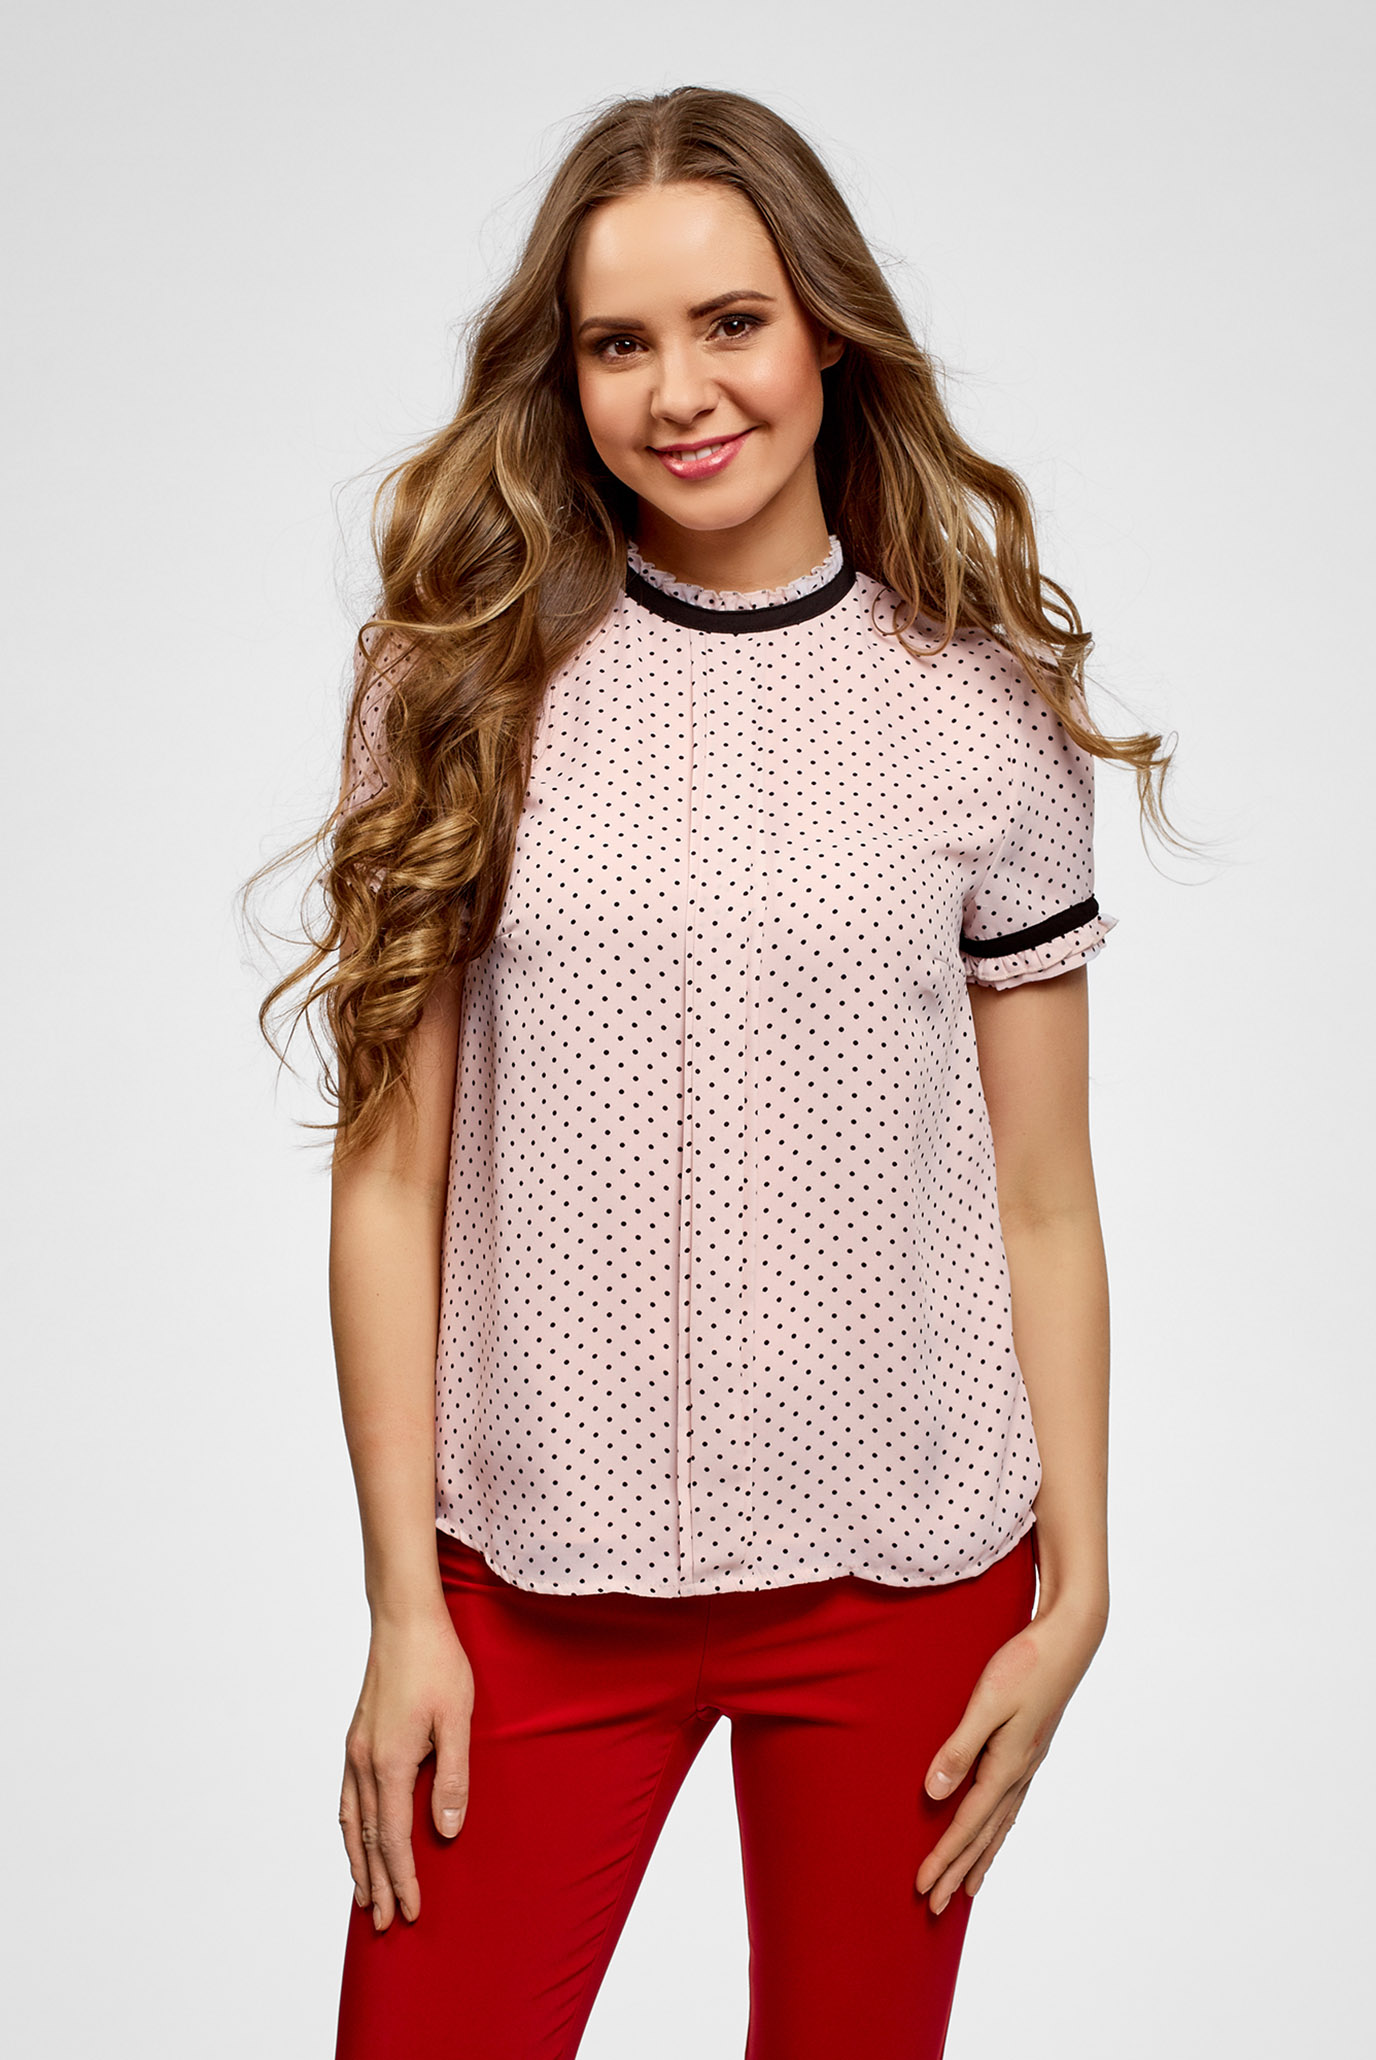 Купить Женская розовая блуза в горошек Oodji Oodji 11401272/36215/4029D – Киев, Украина. Цены в интернет магазине MD Fashion